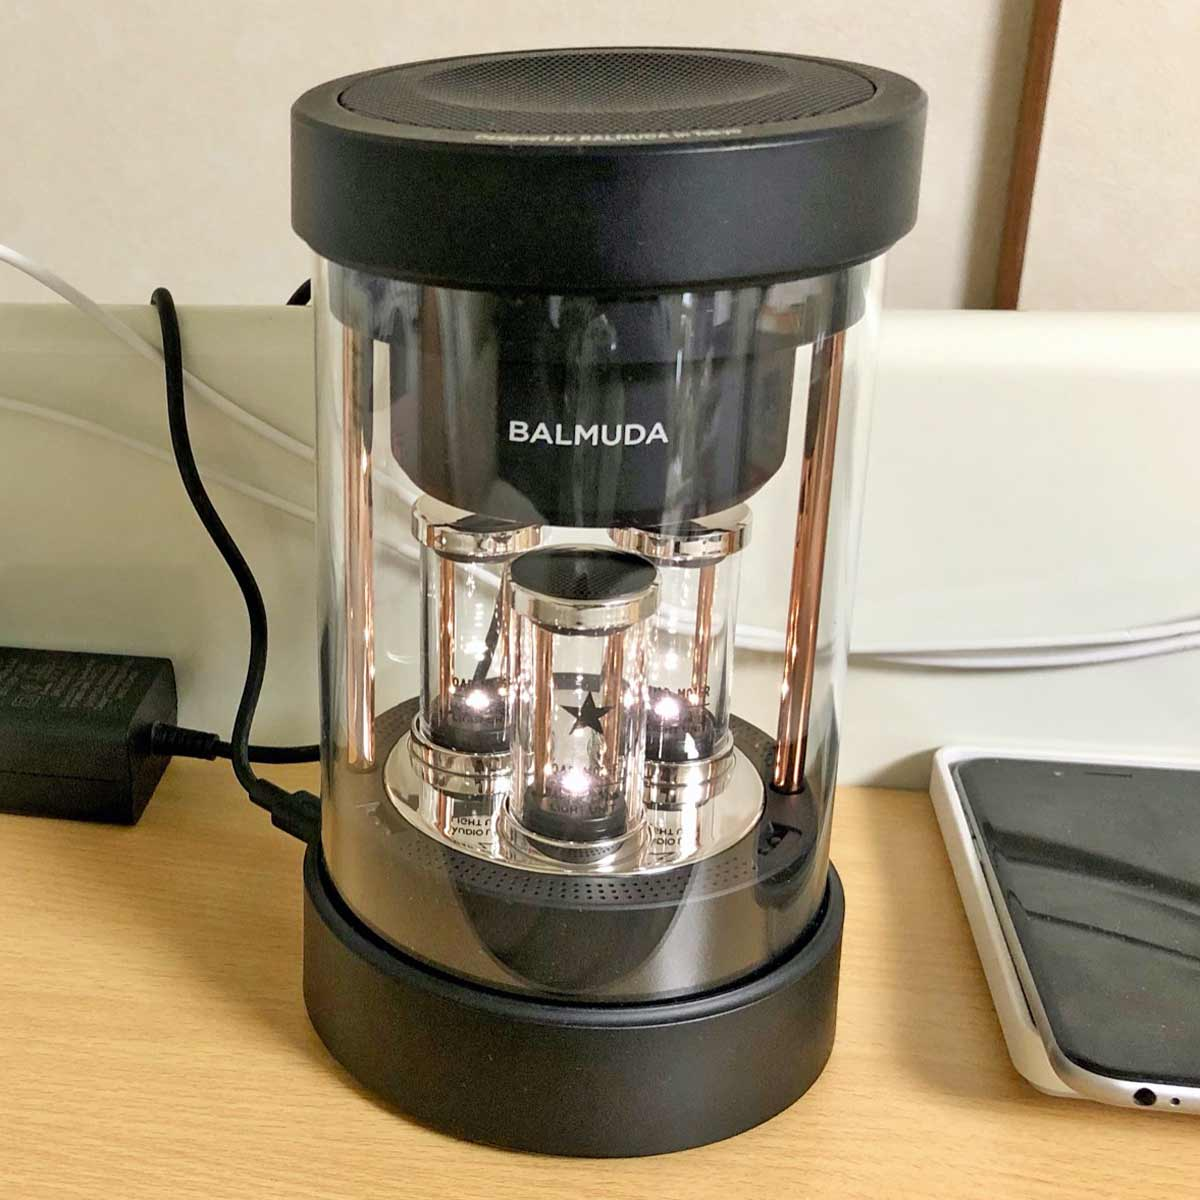 """新しい360度サウンド!「BALMUDA The Speaker」は""""らしさ全開""""のスピーカー"""